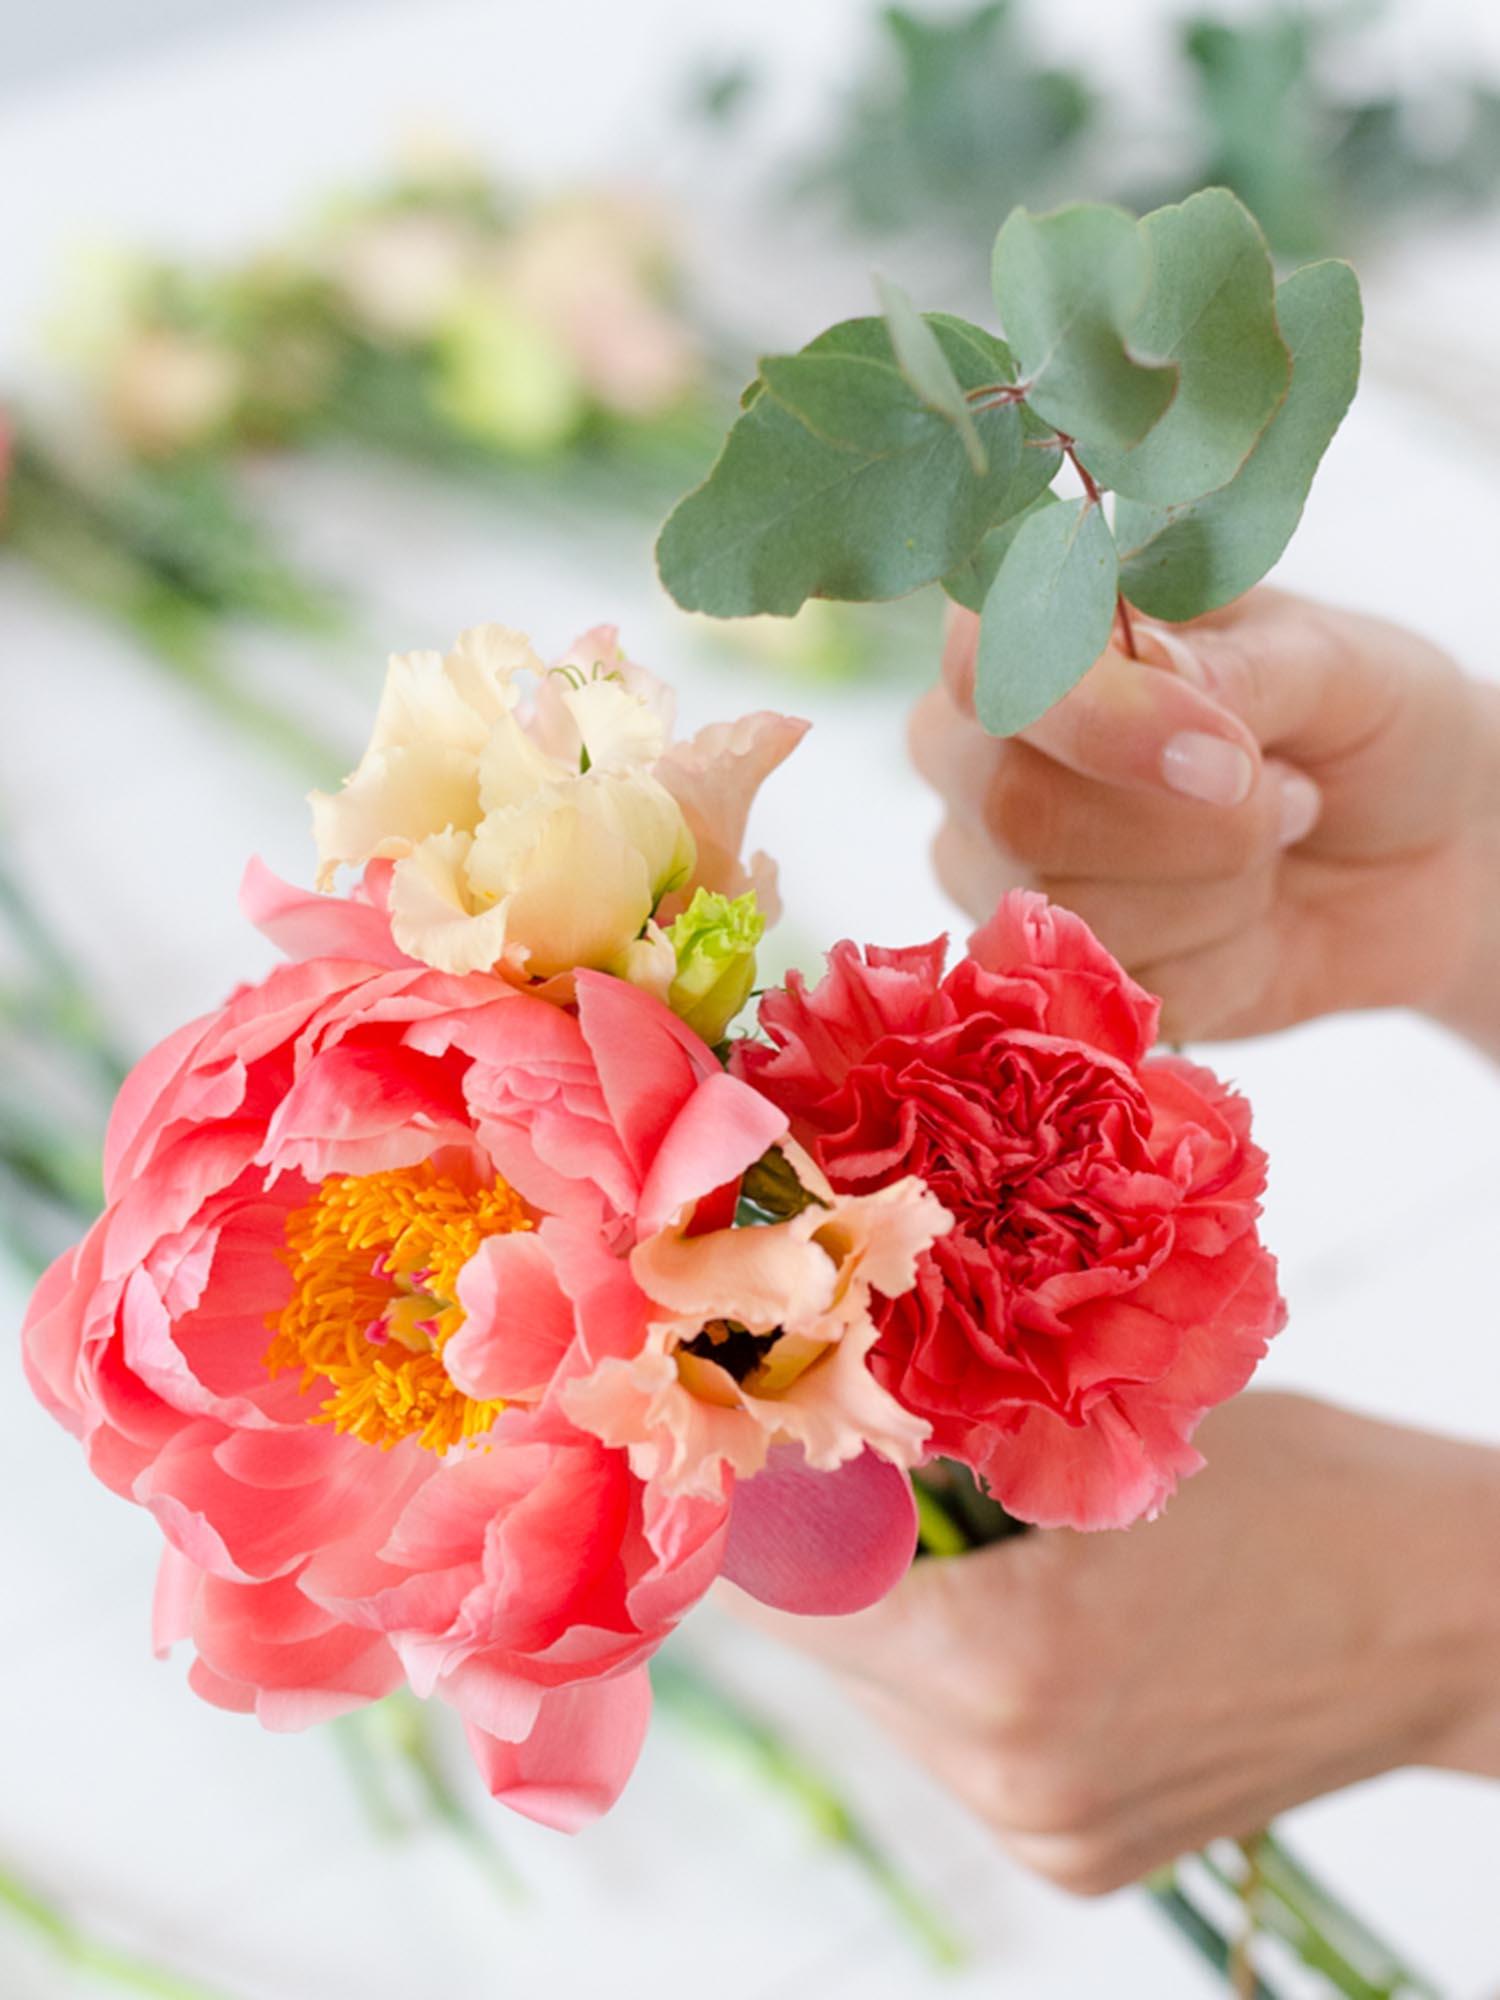 Coral Schnittblumen für einen Brautstrauß mit Eukalyptus und Pfingstrosen